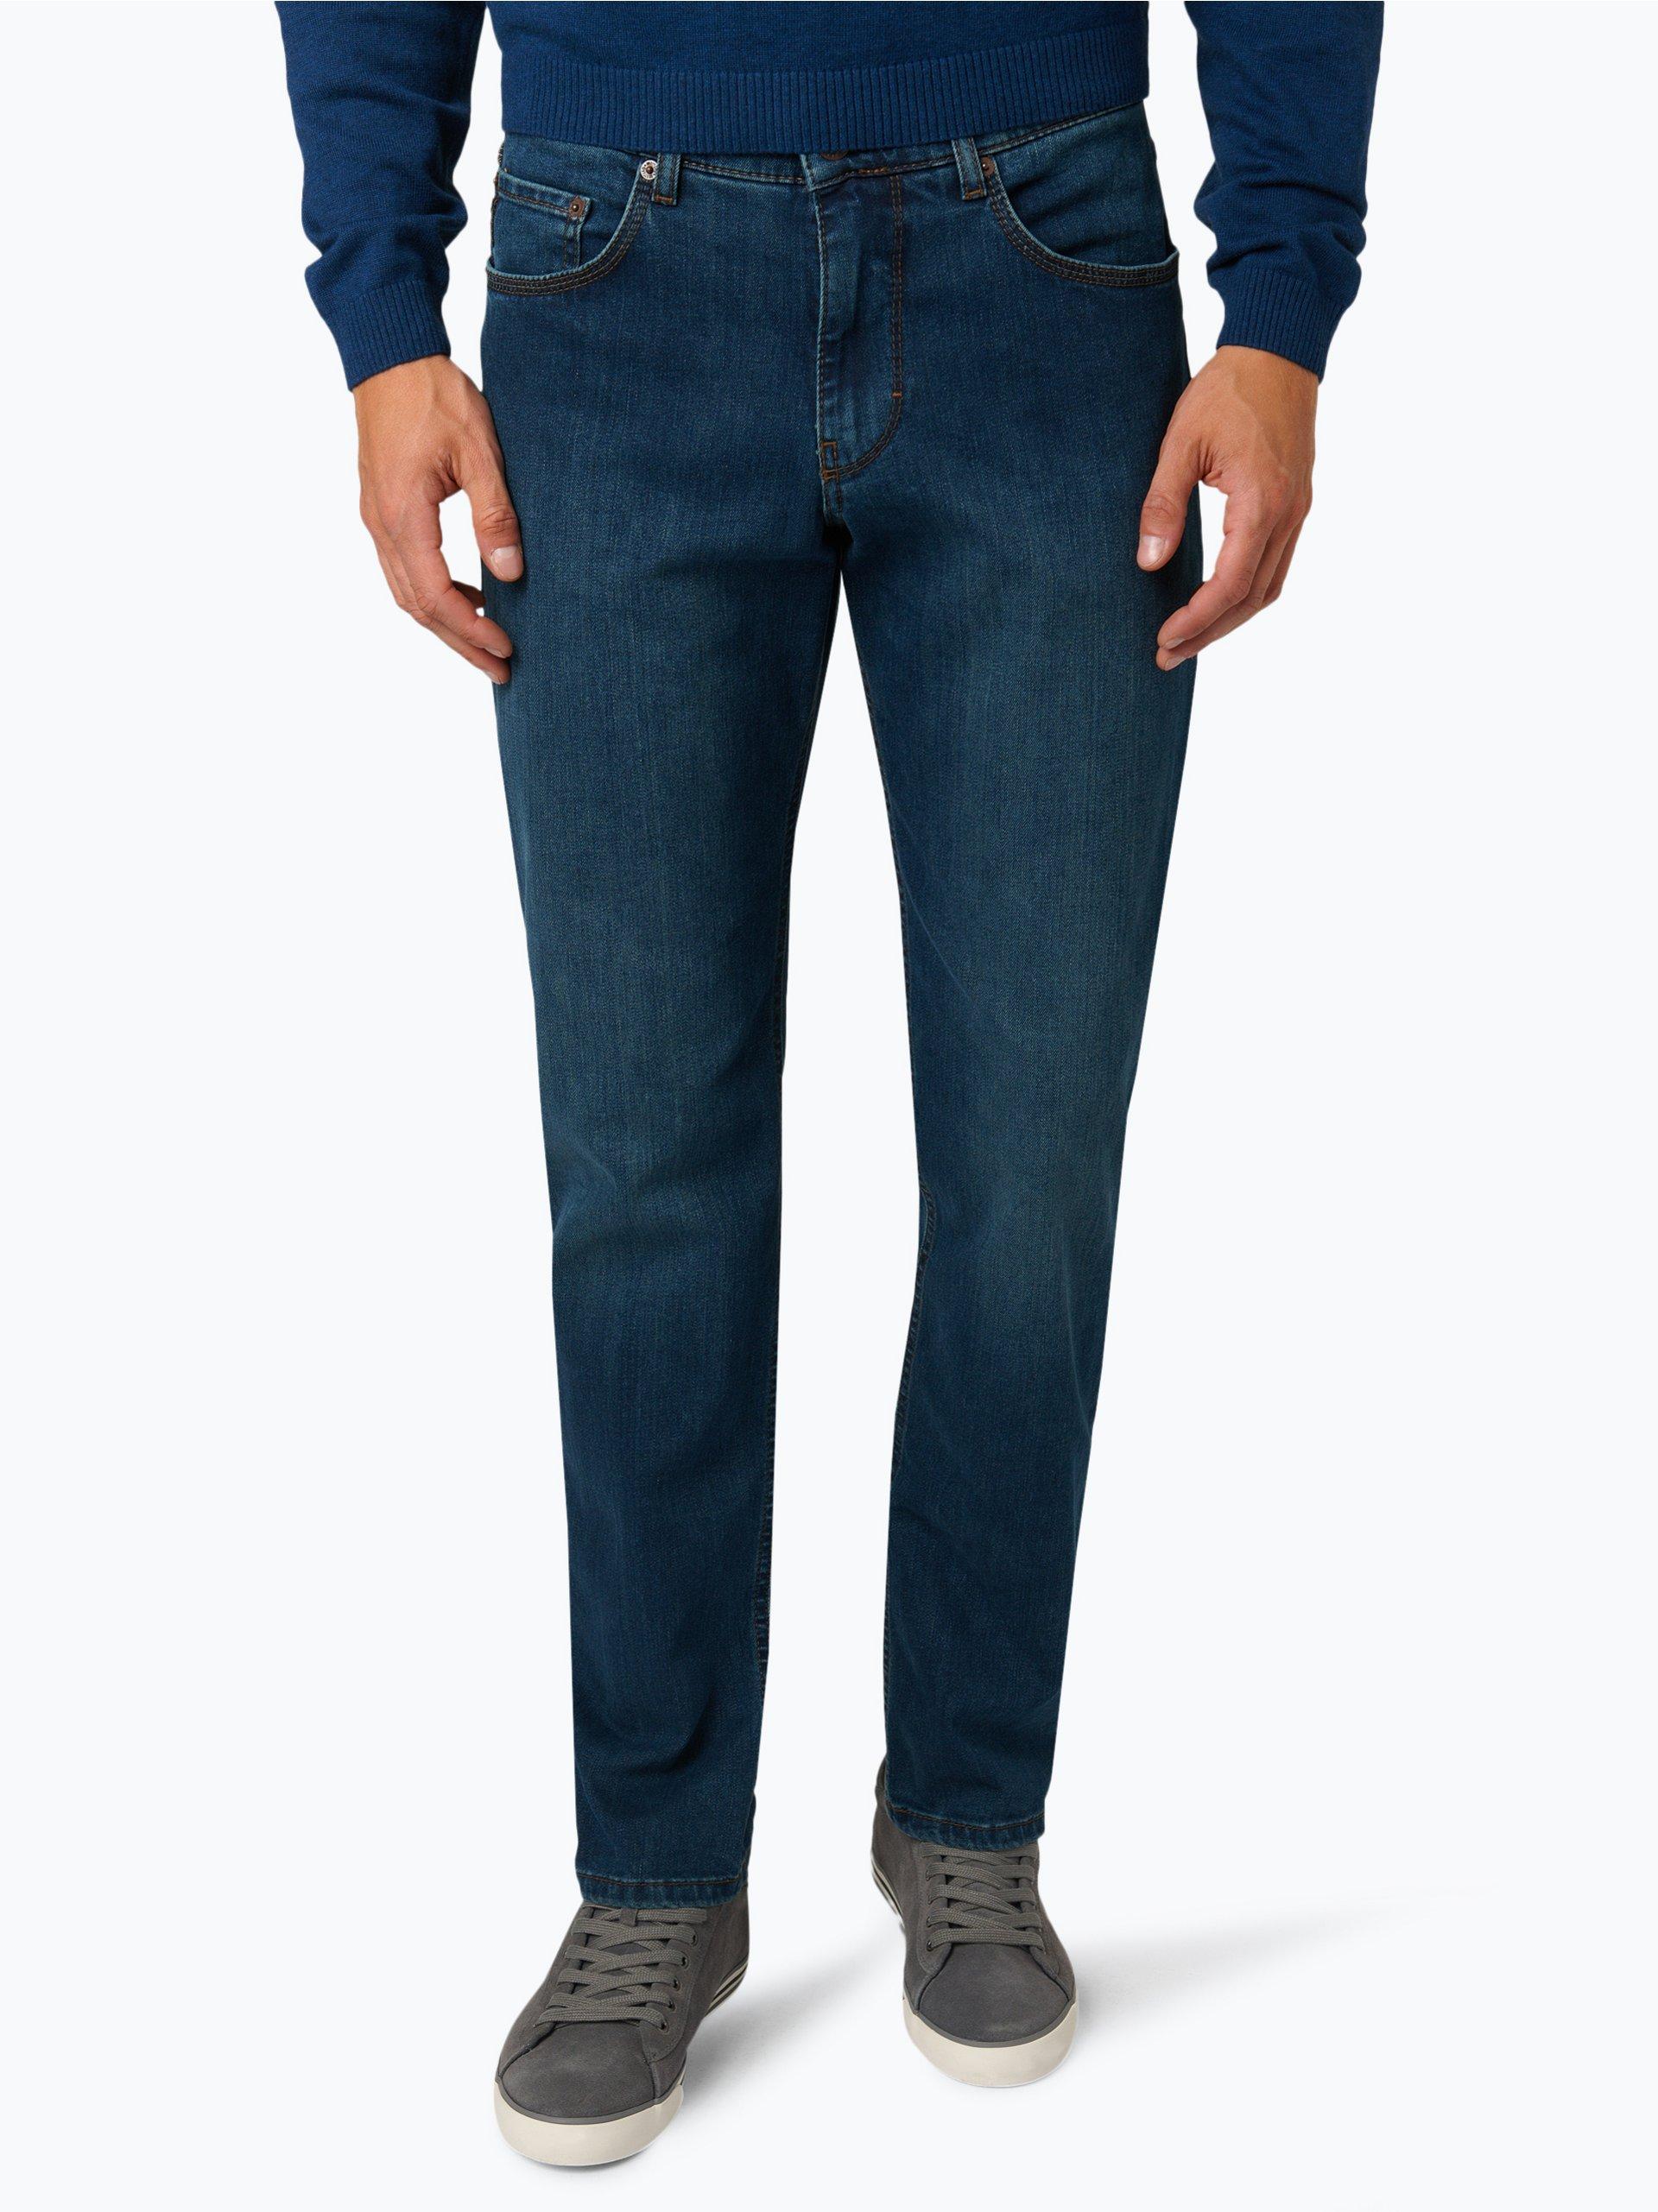 brax herren jeans cooper dark stone uni online kaufen peek und cloppenburg de. Black Bedroom Furniture Sets. Home Design Ideas